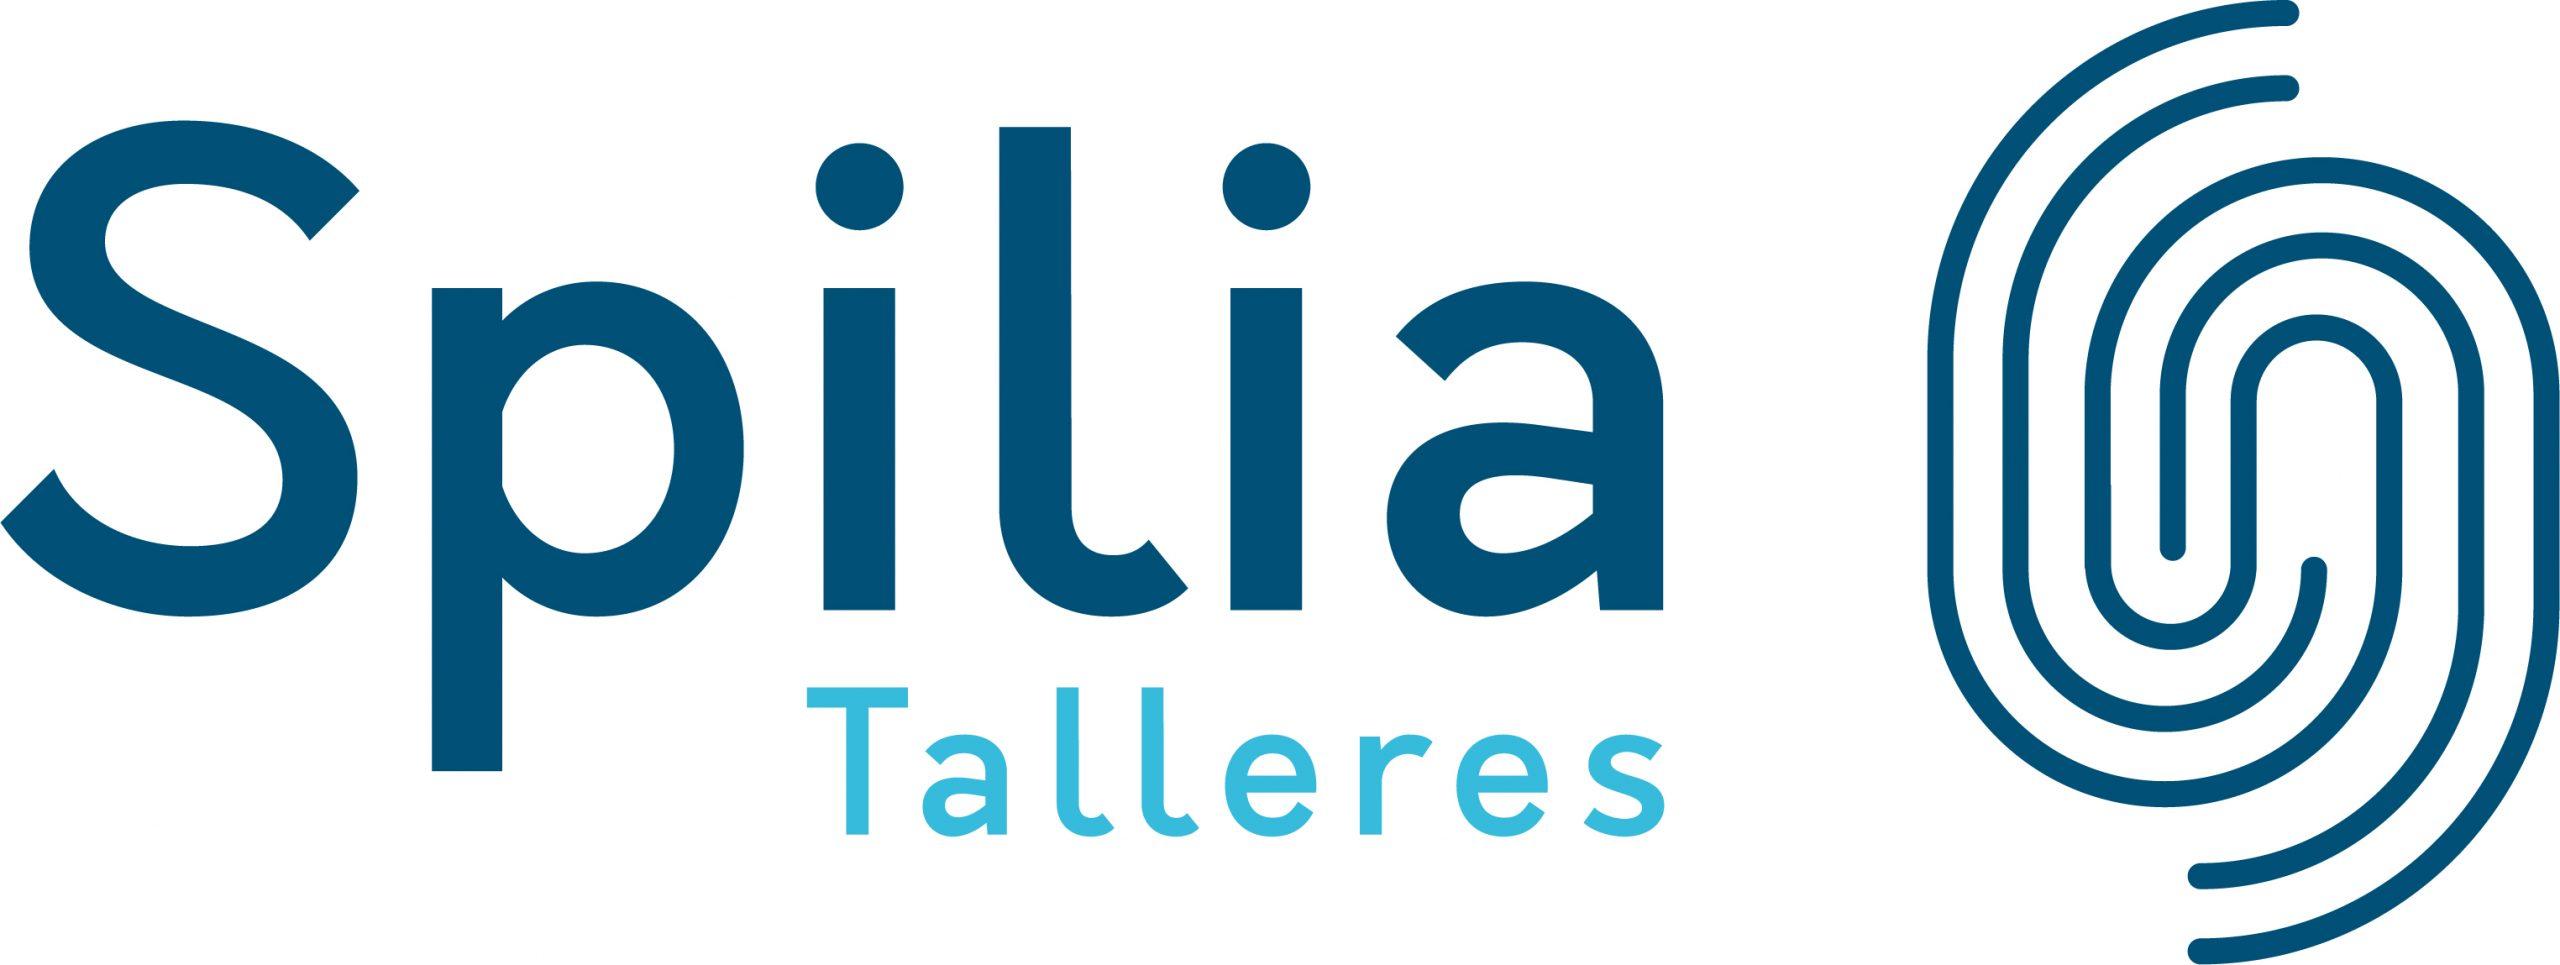 SPILIA – Pratique de la philosophie sur les valeurs européennes avec des élèves de 10 -12 ans